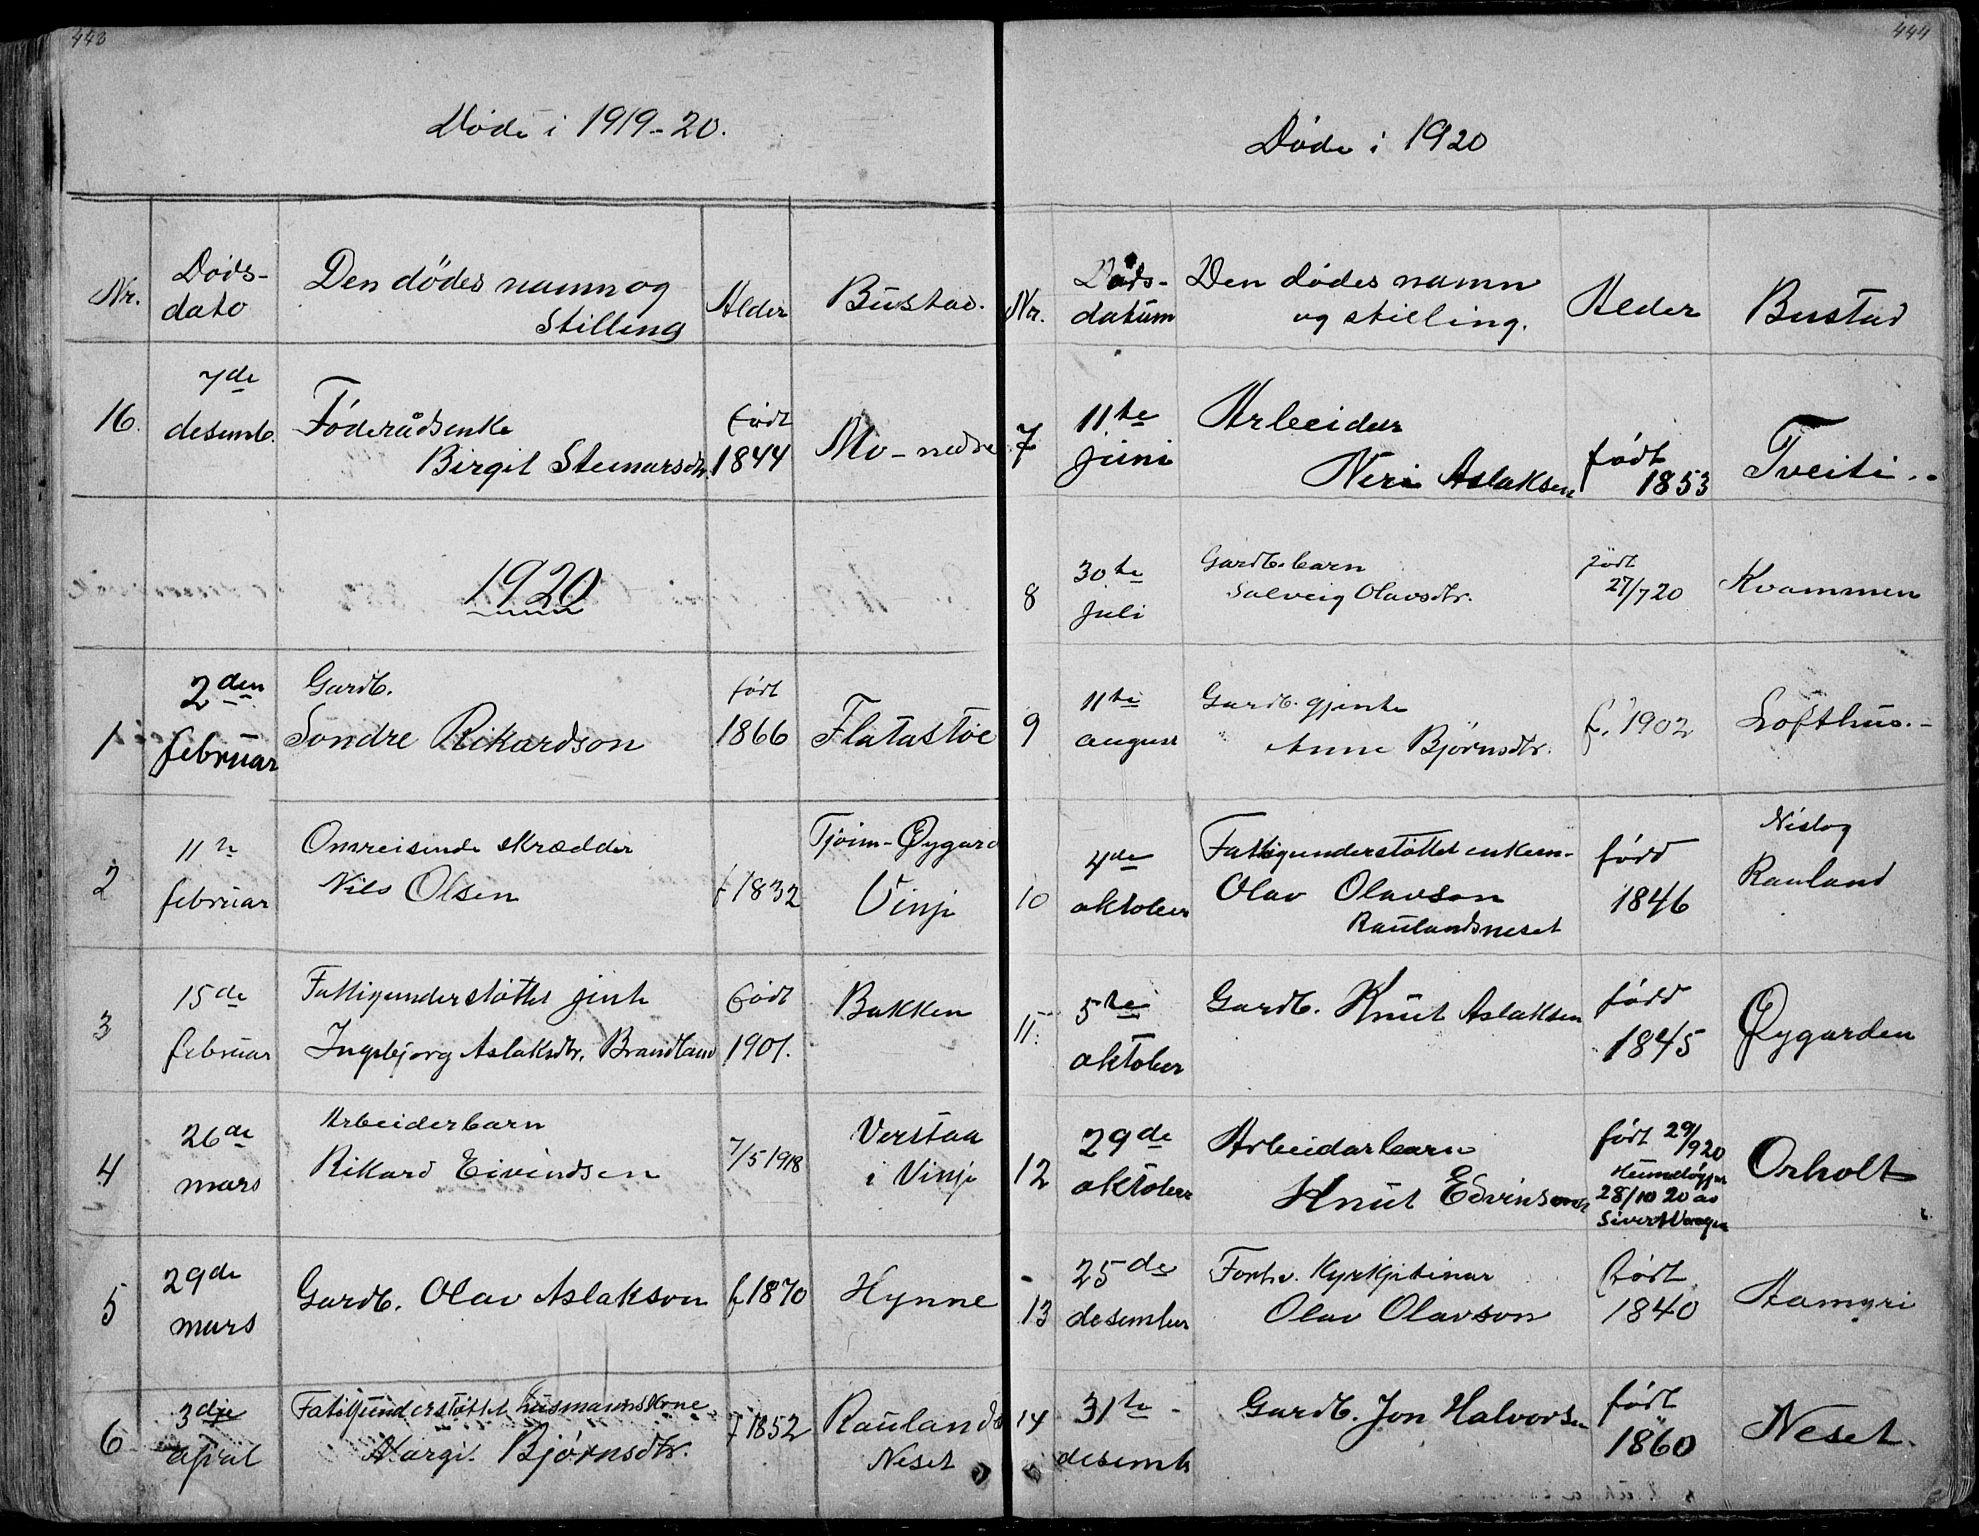 SAKO, Rauland kirkebøker, G/Ga/L0002: Klokkerbok nr. I 2, 1849-1935, s. 443-444